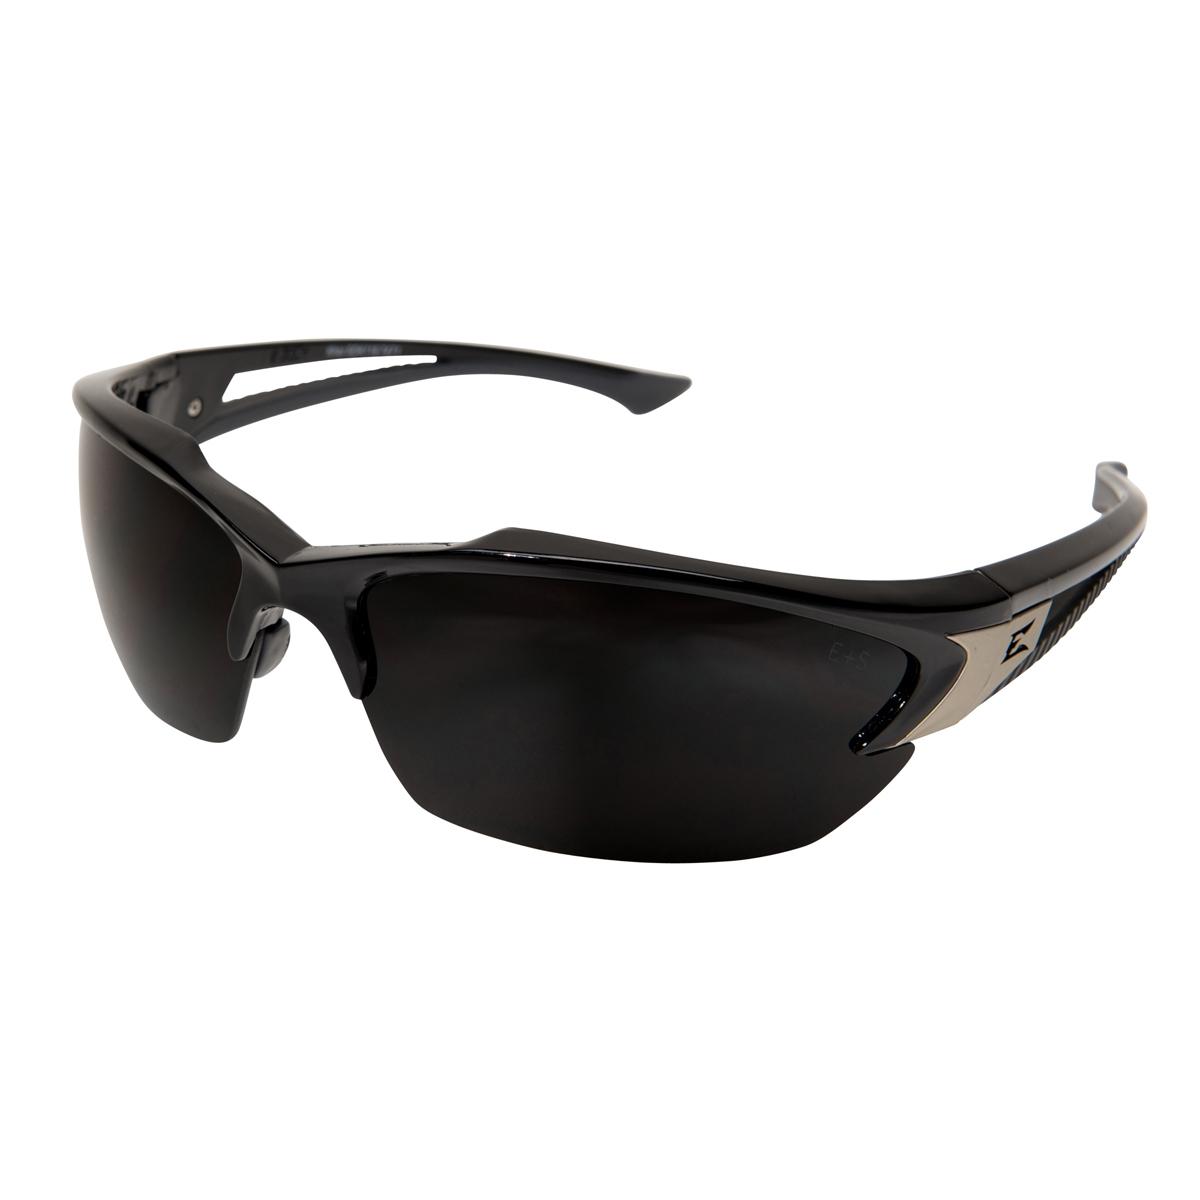 Straight Temple Glasses Frame : Edge SDK116 Khor Safety Glasses - Black Frame - Smoke Lens ...